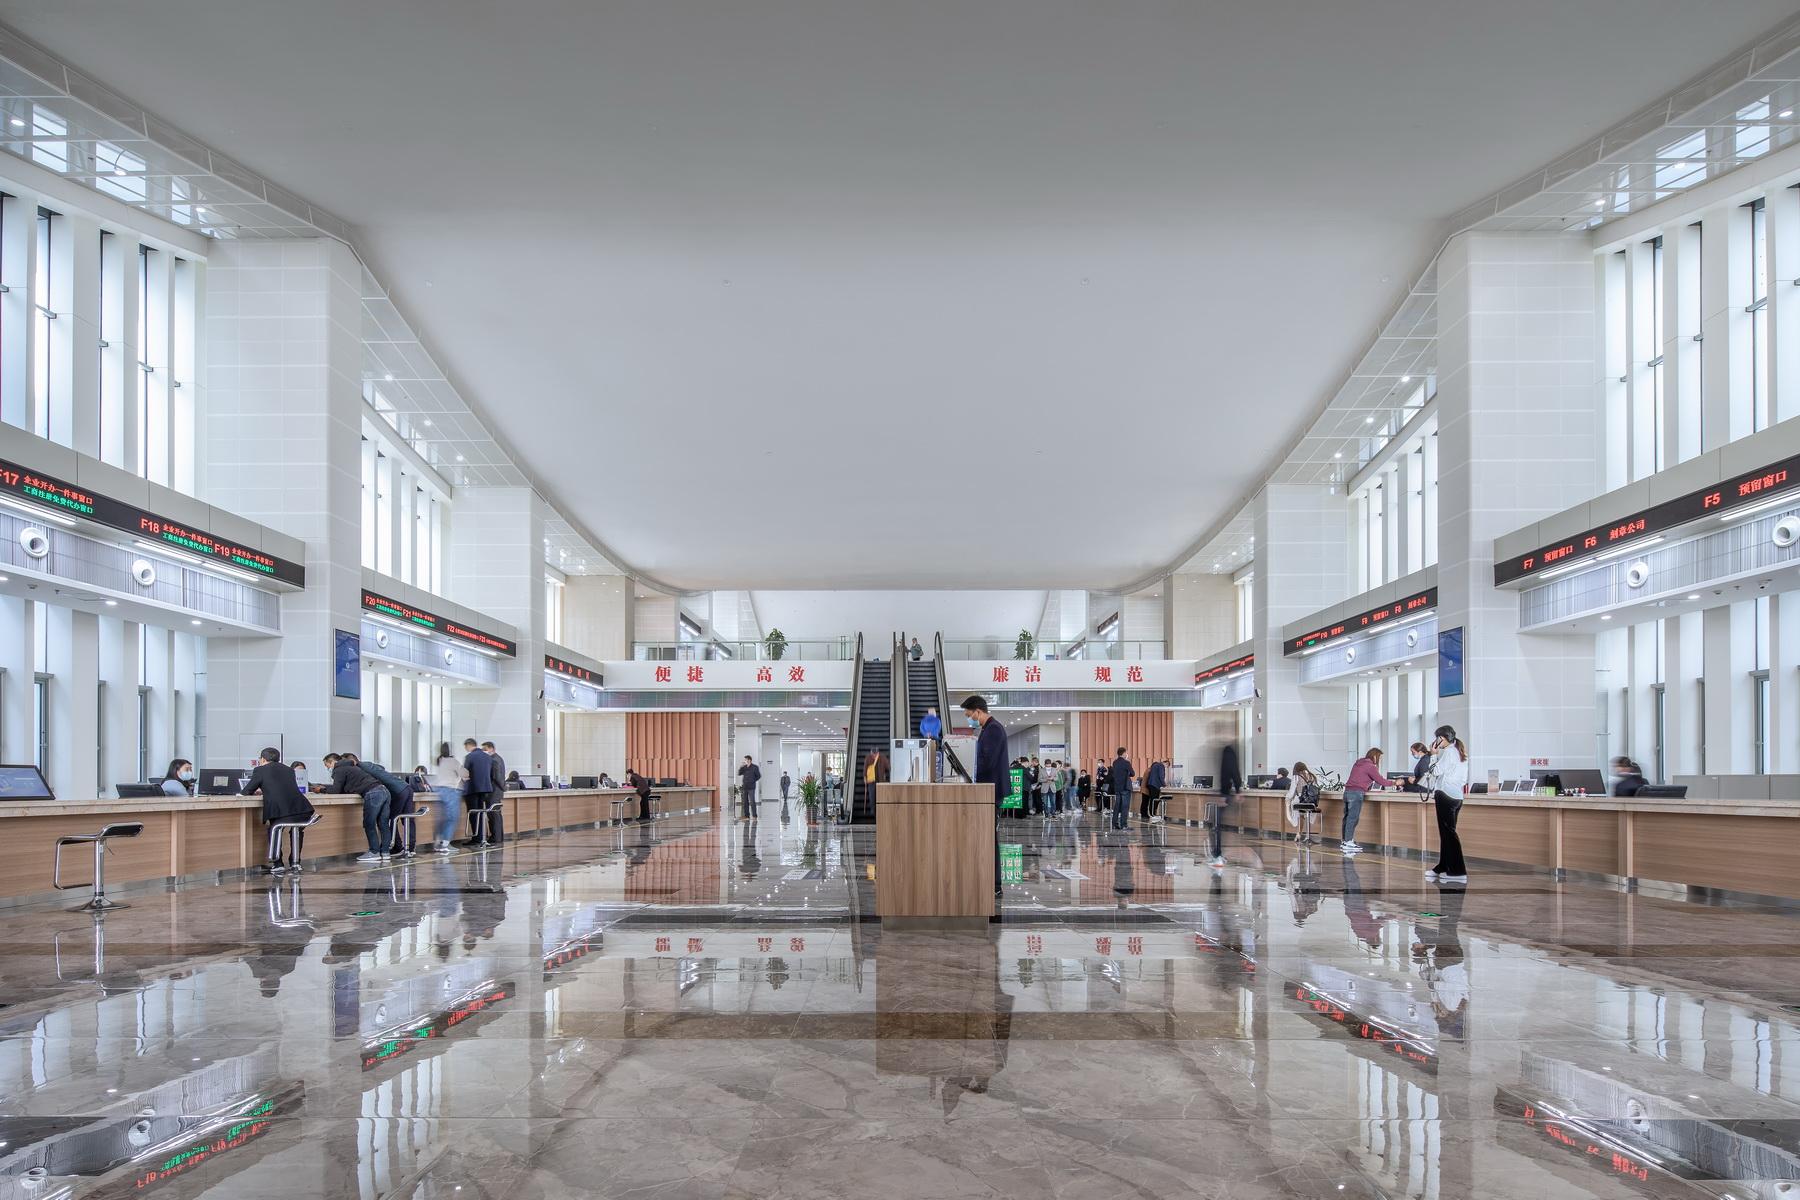 肥东县政务服务中心 建筑设计 /  上海华都建筑规划设计有限公司